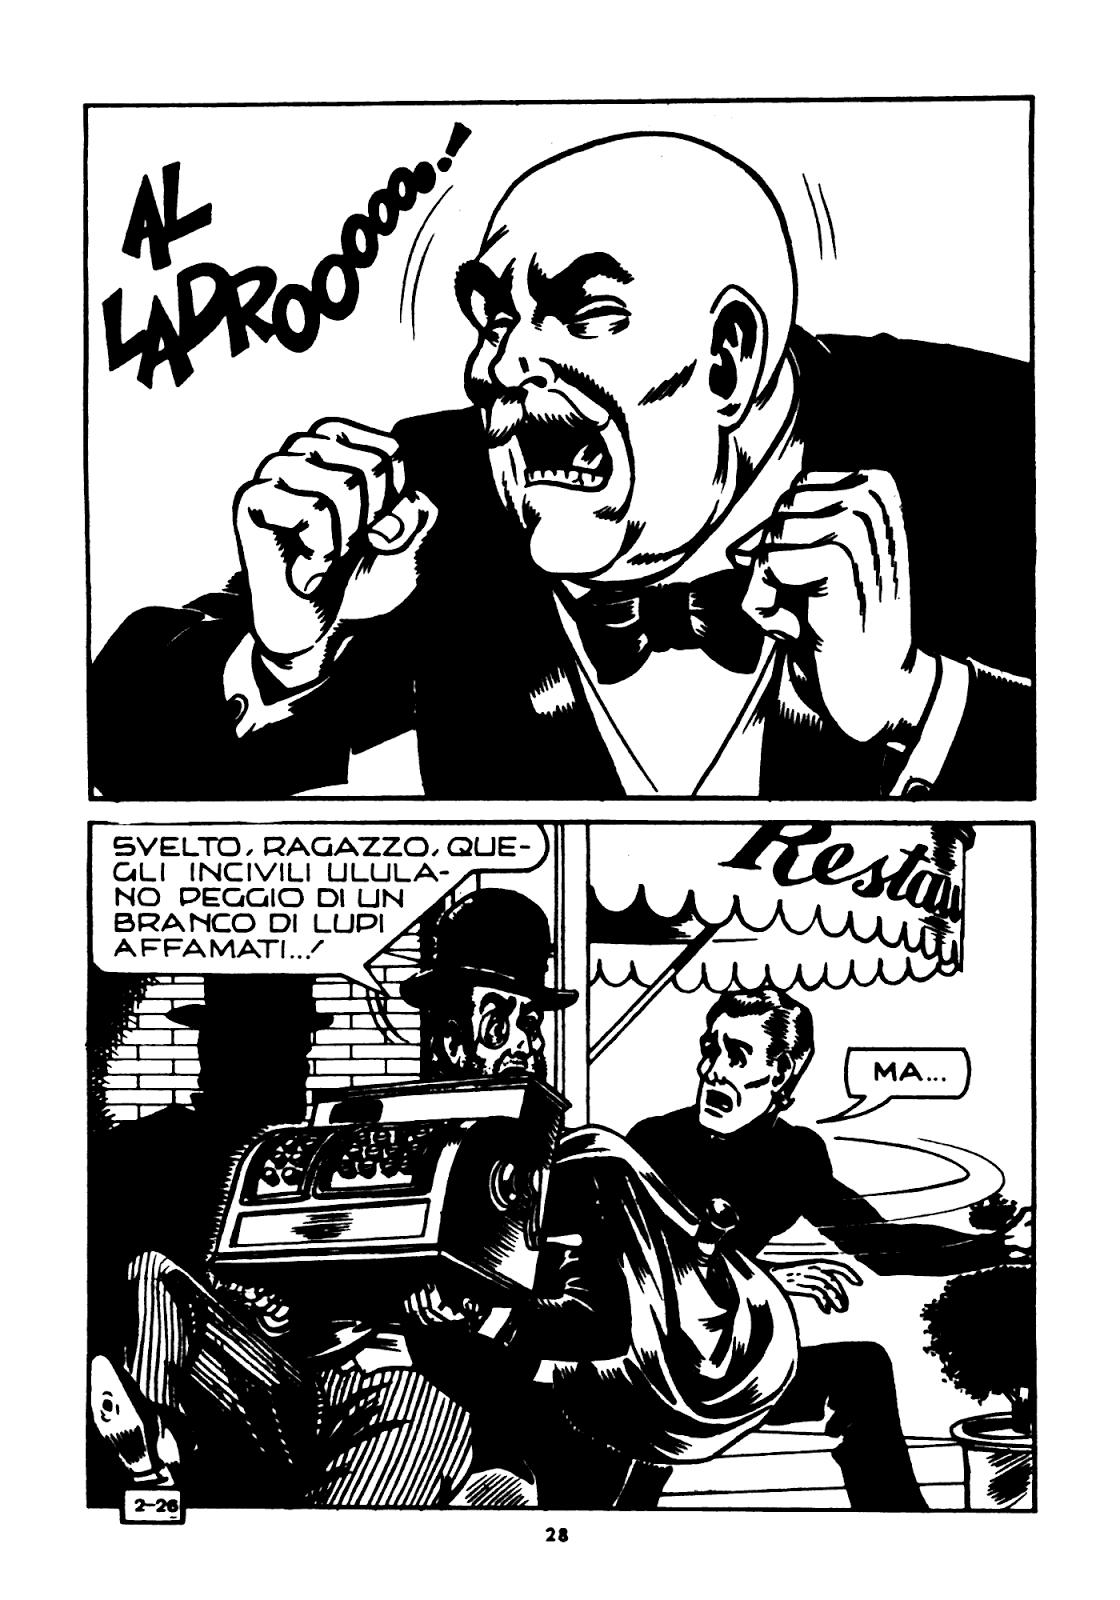 Alan ford gruppo t n t ubc enciclopedia online del fumetto - Le Origini Segrete Di Alan Ford